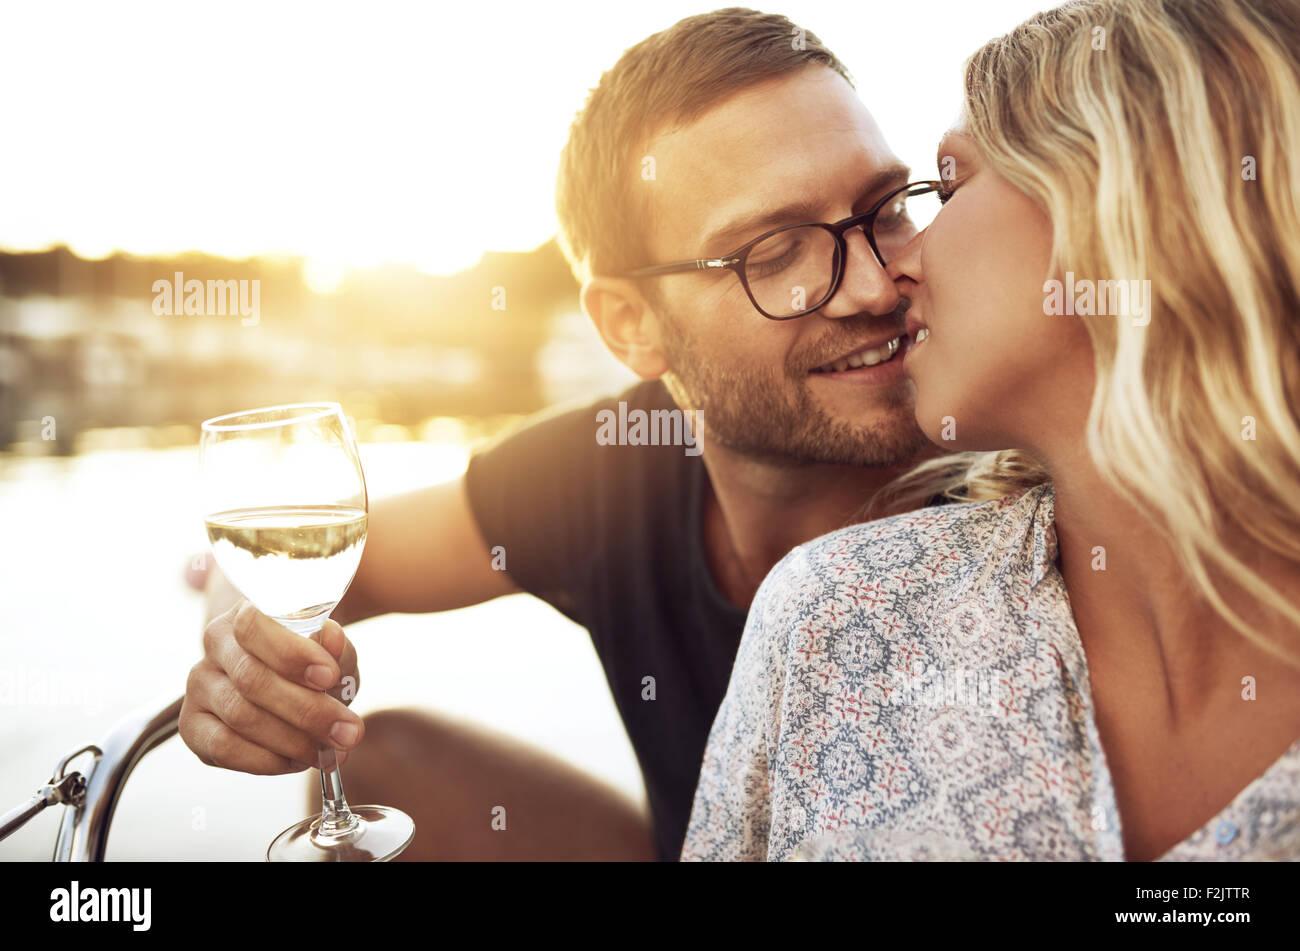 Pareja besando suavemente mientras disfruta de una copa de vino Imagen De Stock